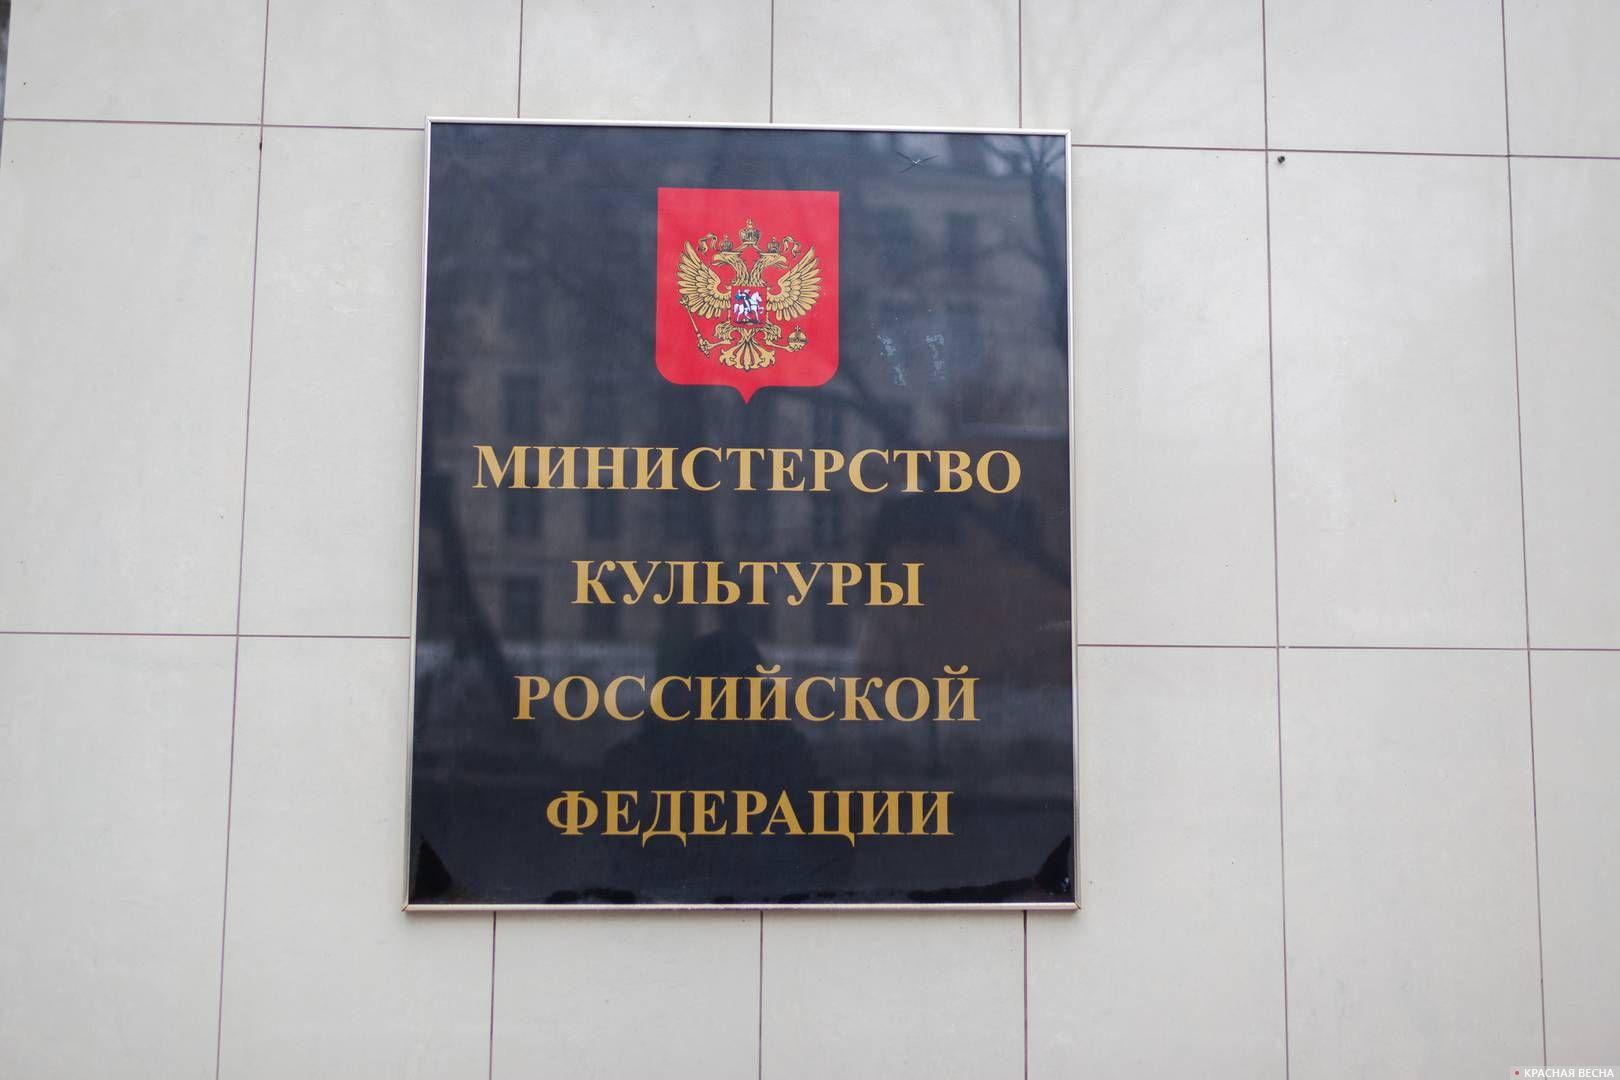 Москва. Табличка Министерства культуры.